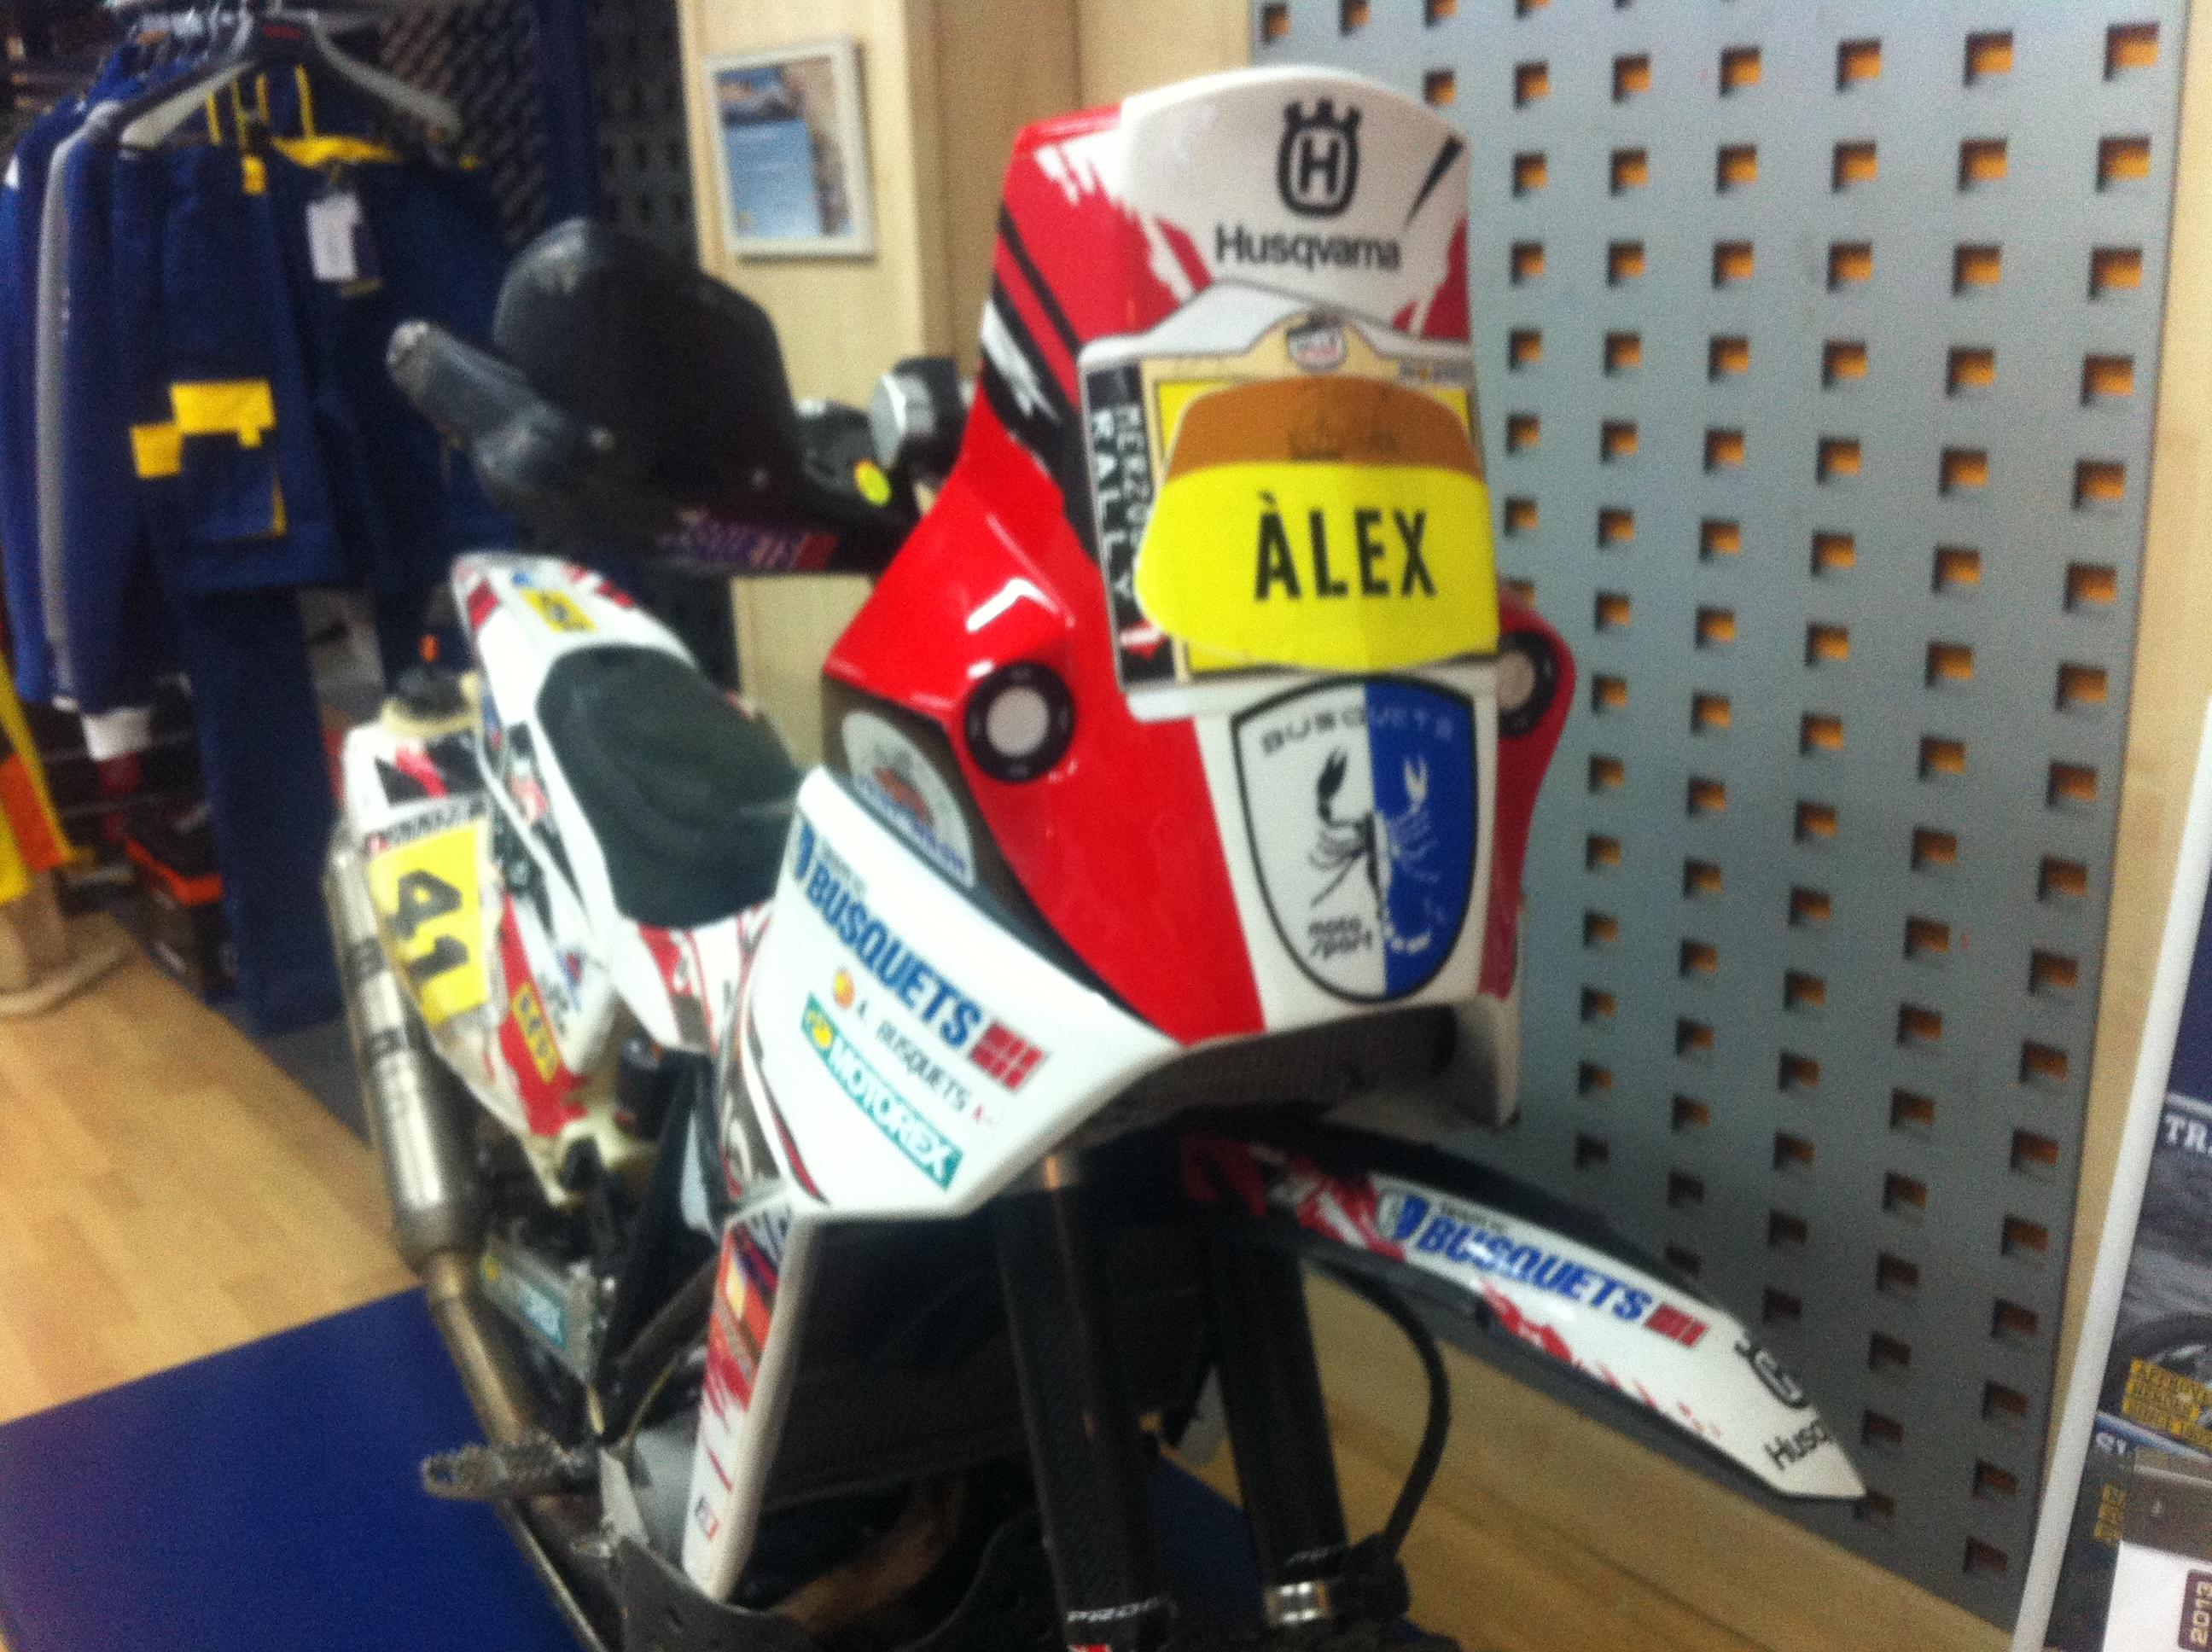 Esta es la moto del otro protagonista, Álex Busquets